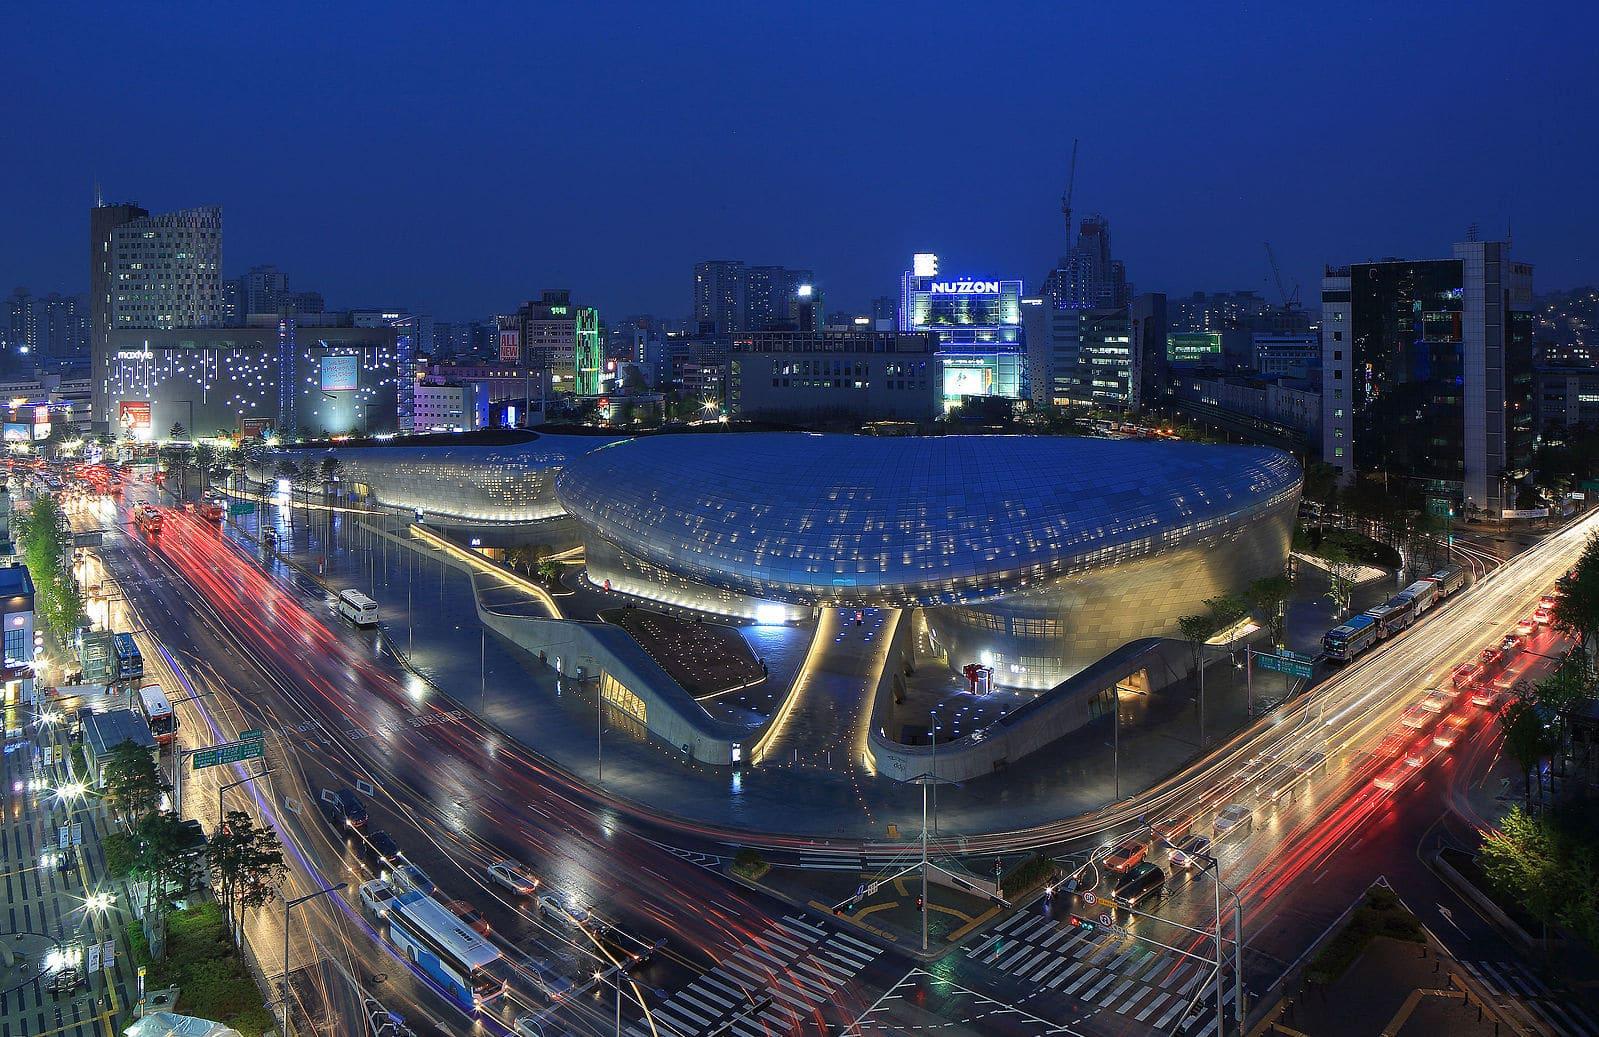 The always bustling nightlife of Dongdaemun